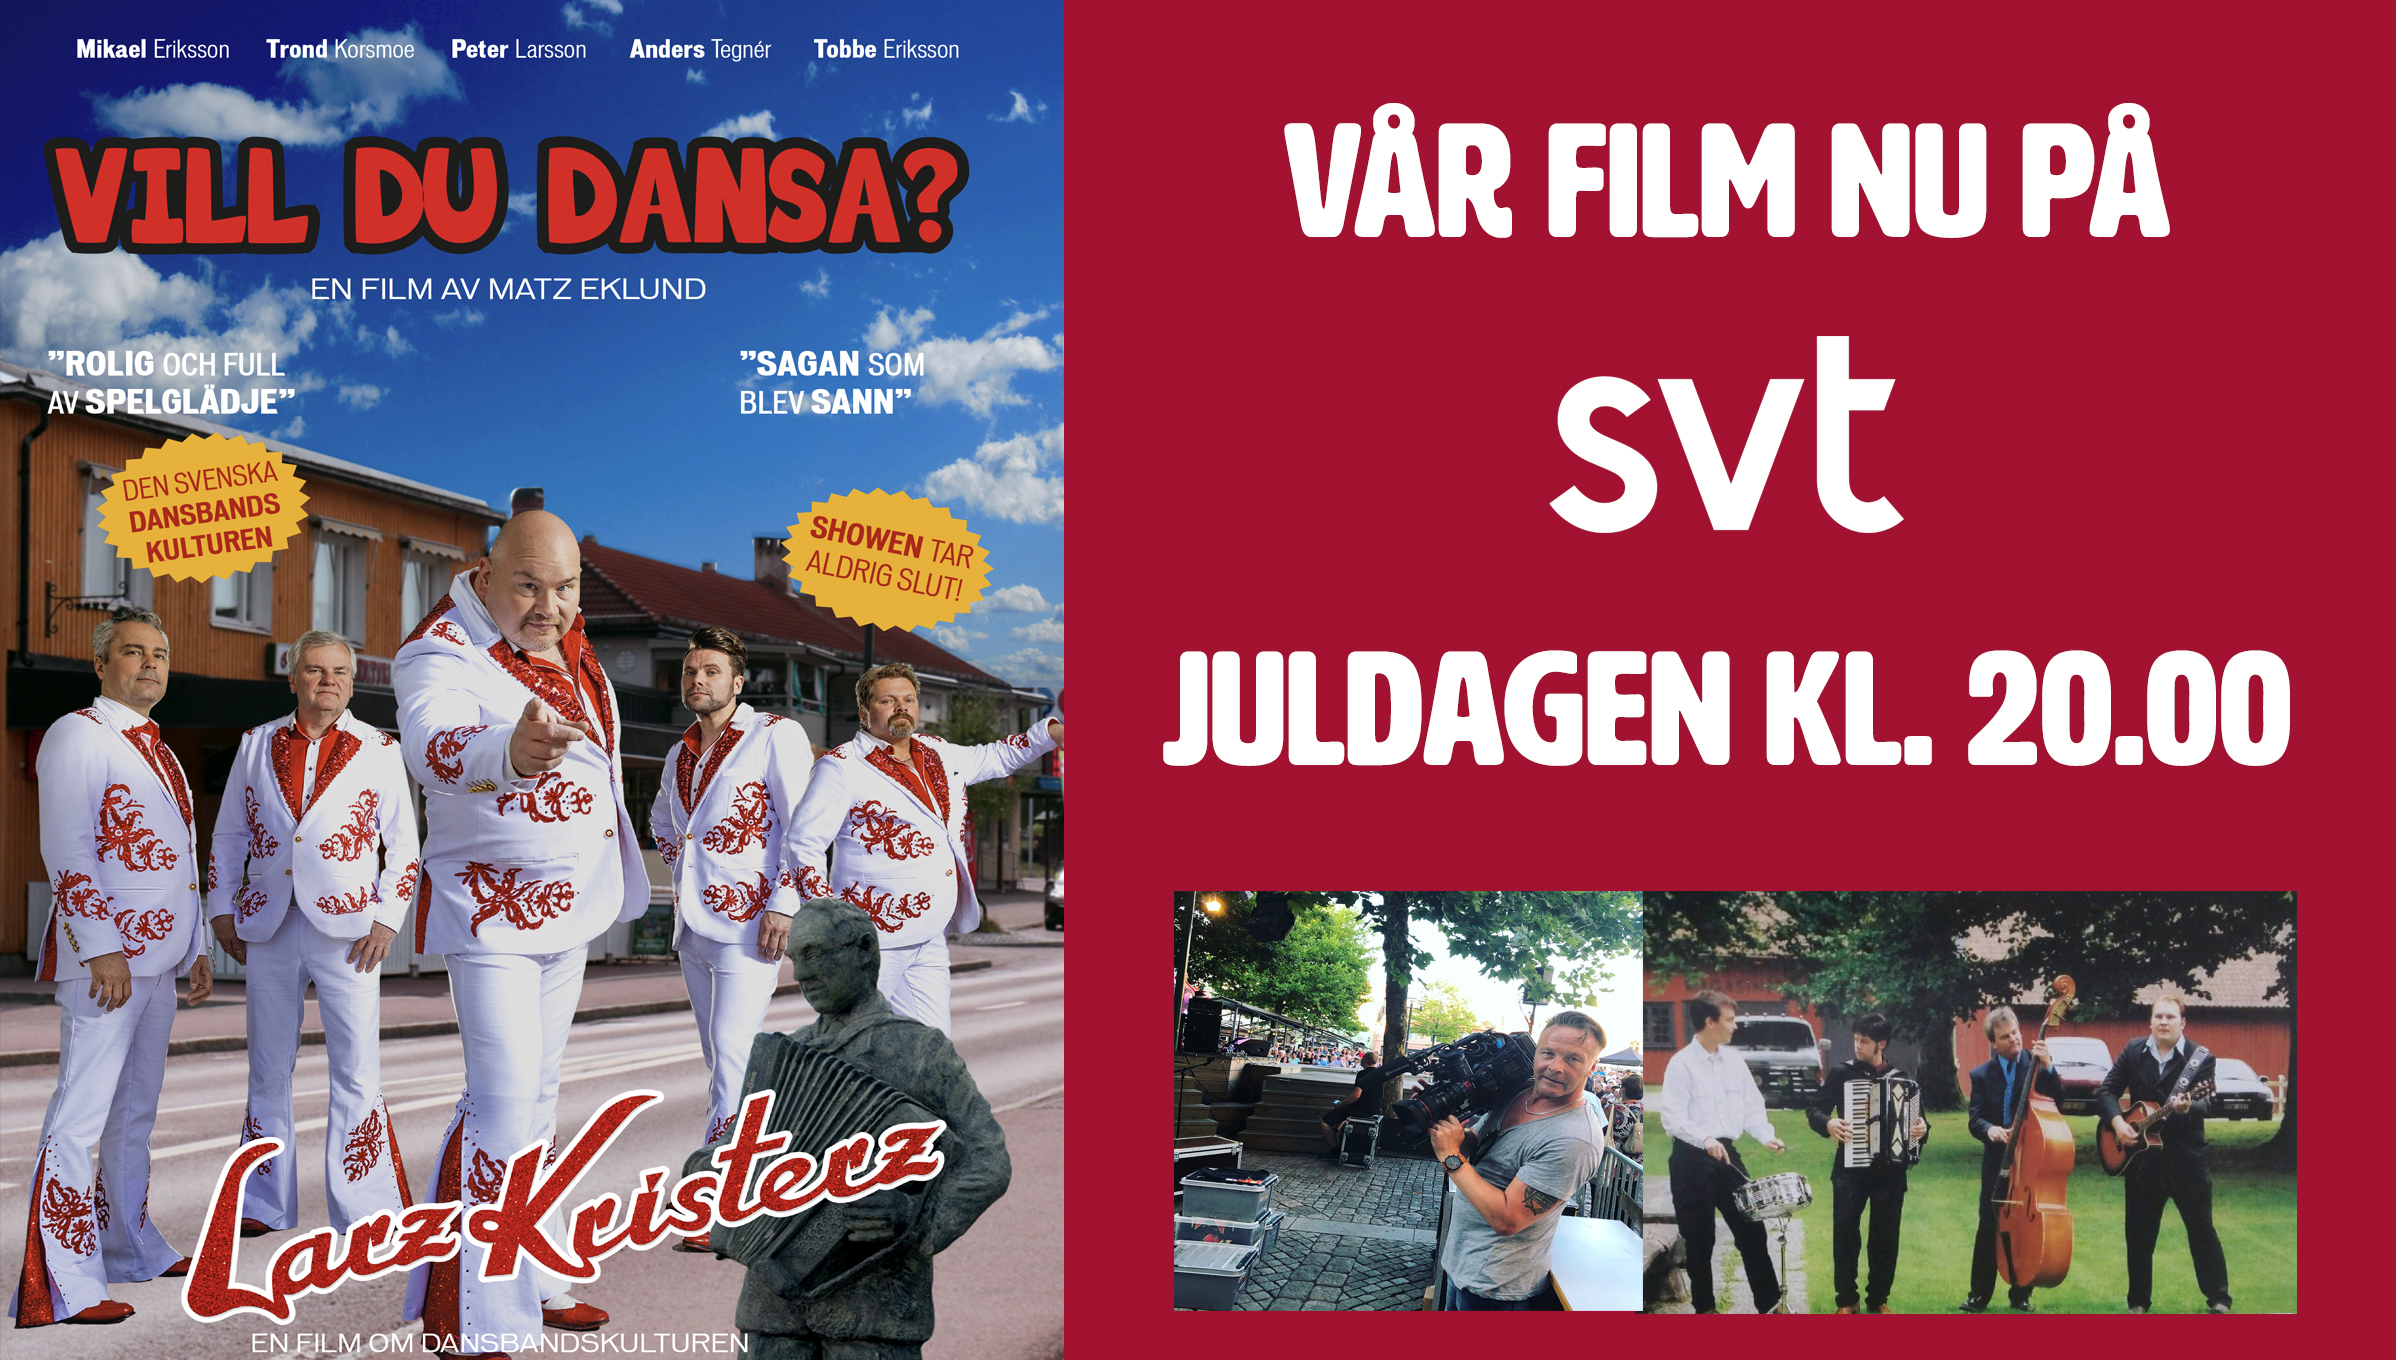 Vår film på SVT